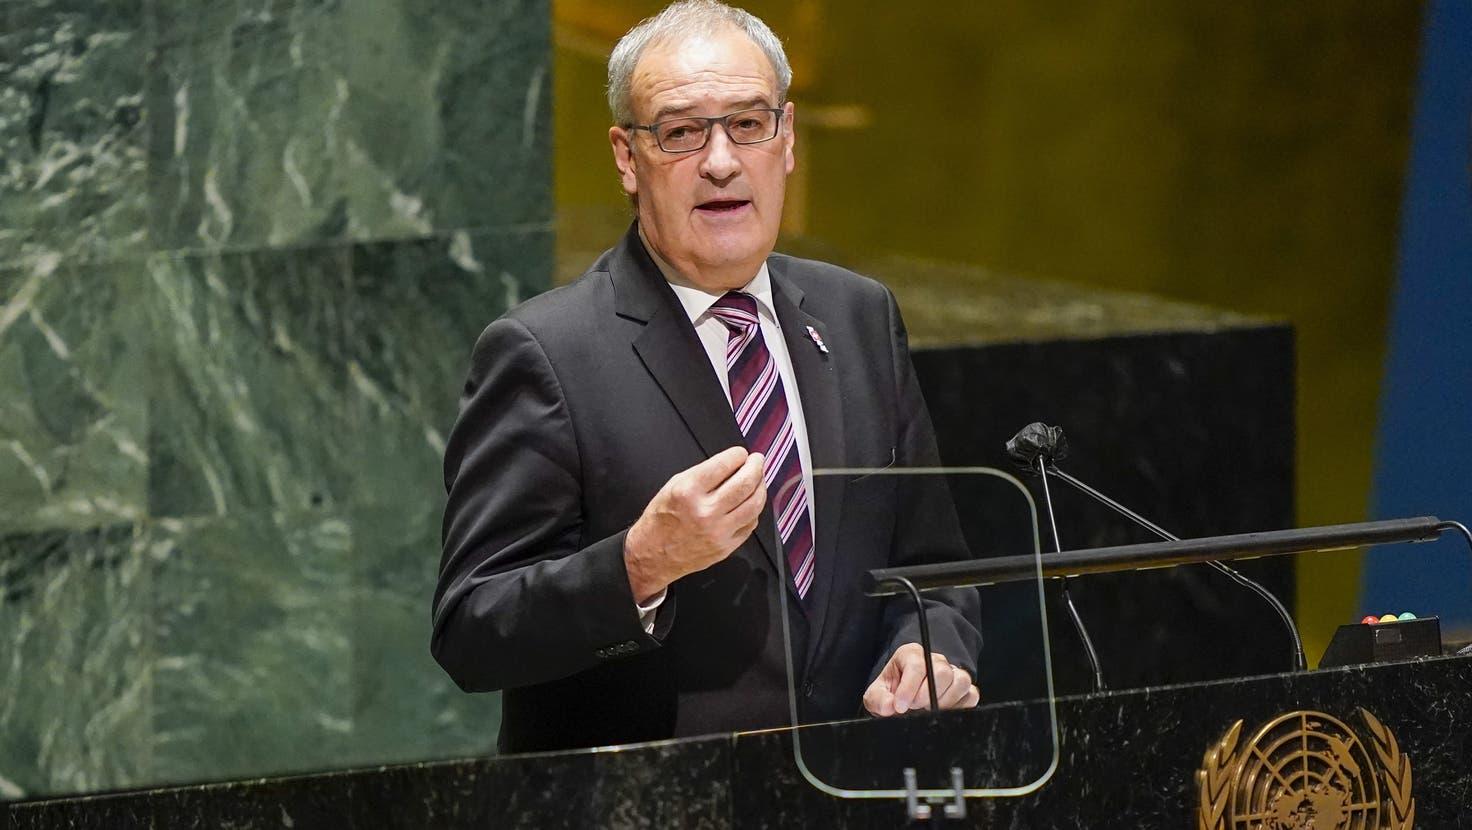 Der Schweizer Bundespräsident Guy Parmelinwährend seiner Rede an der jährlichen Generaldebatte der UNO in New York. (Mary Altaffer / Pool / EPA)